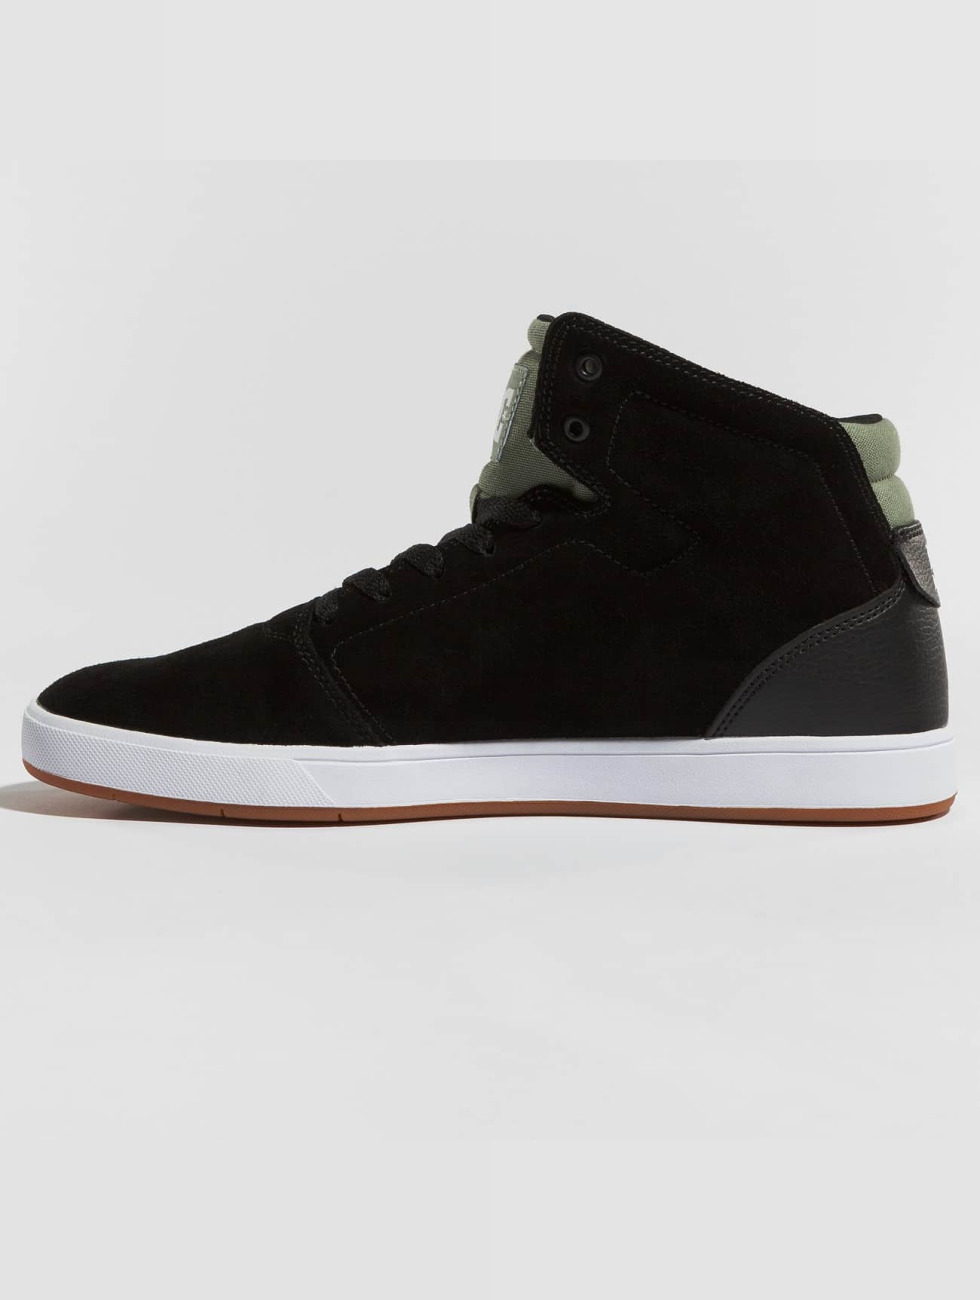 Dc Scarpa / Crisi Sneaker In Nero 421070 m5x7GkCJk